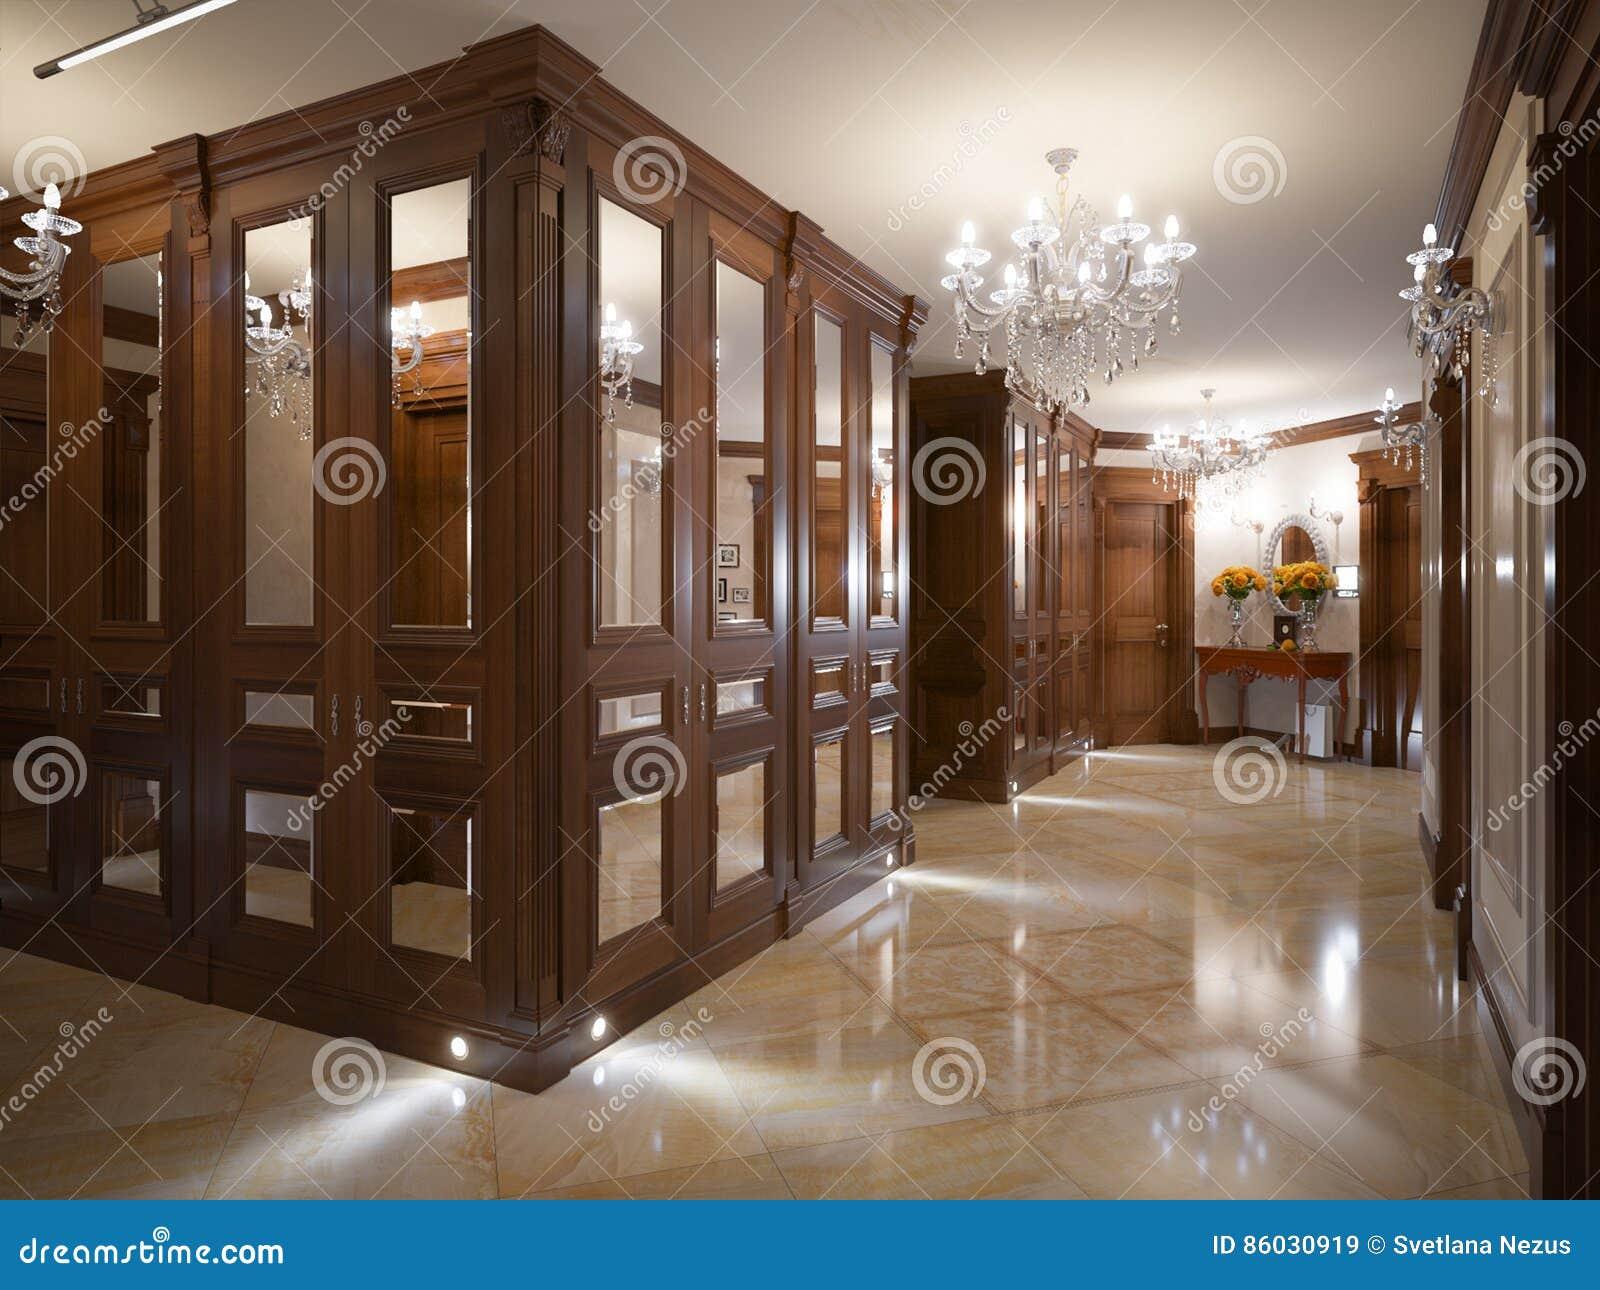 elegante innenarchitektur der klassischen und luxuriösen halle, Innenarchitektur ideen